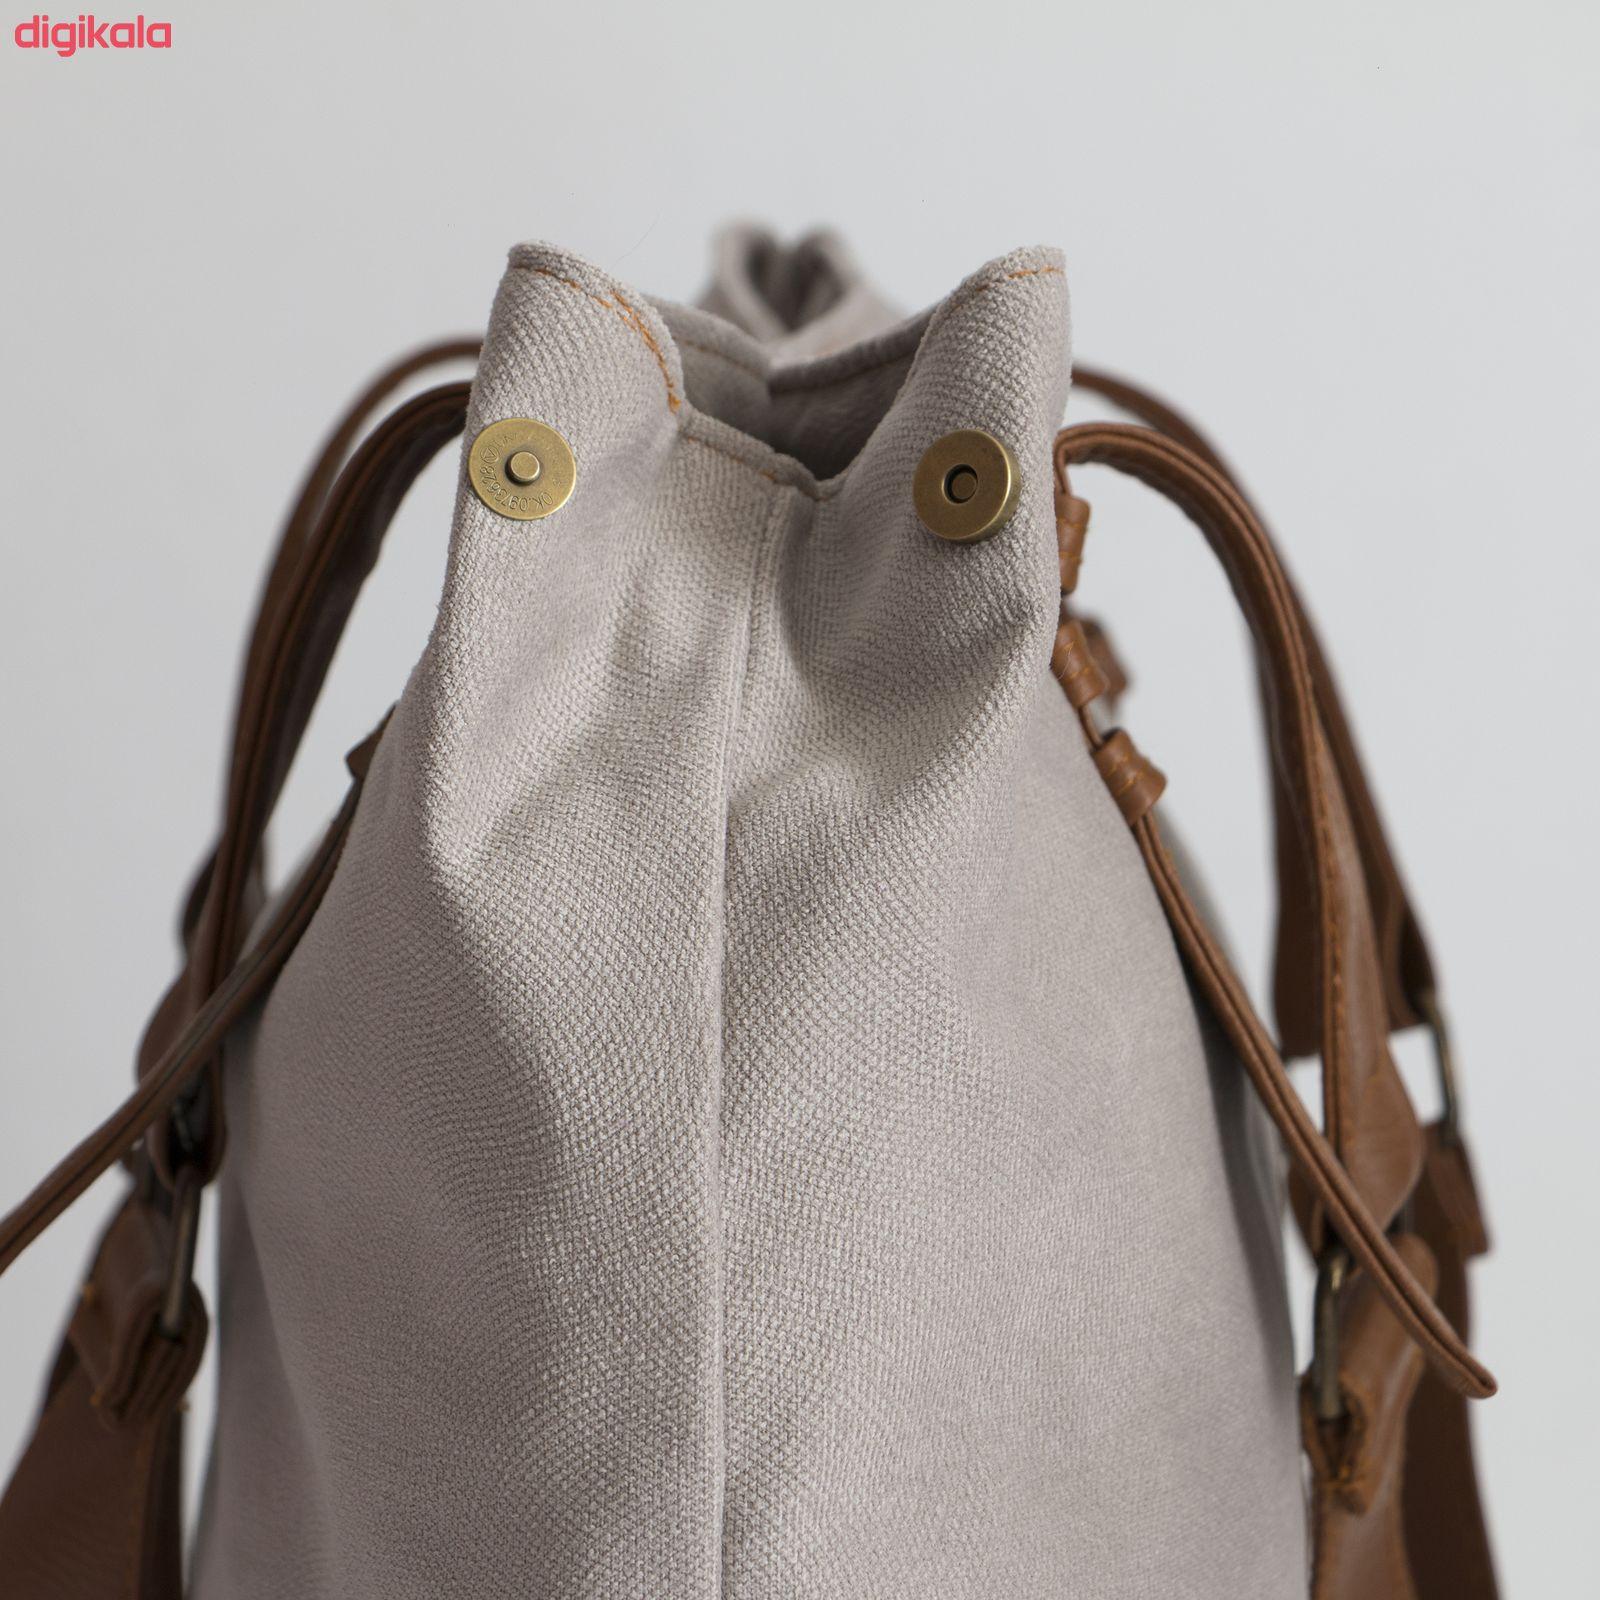 کیف دستی زنانه مدل M1 main 1 26